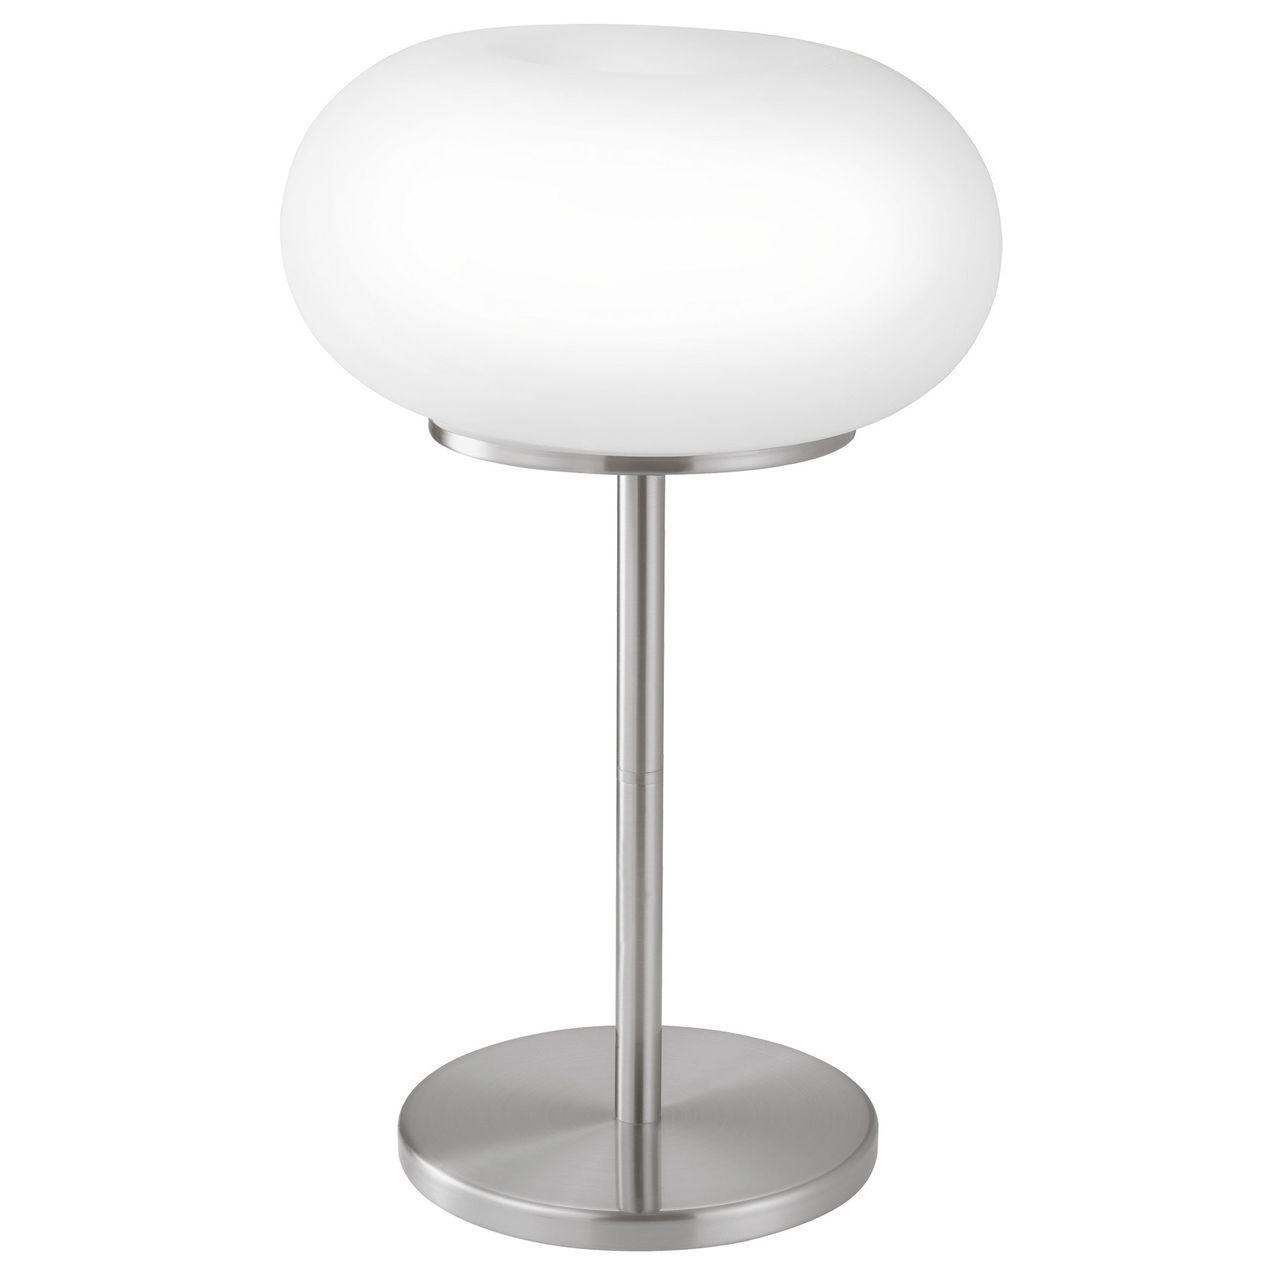 Настольная лампа Eglo Optica 86816 eglo настольная лампа eglo trungle 49624